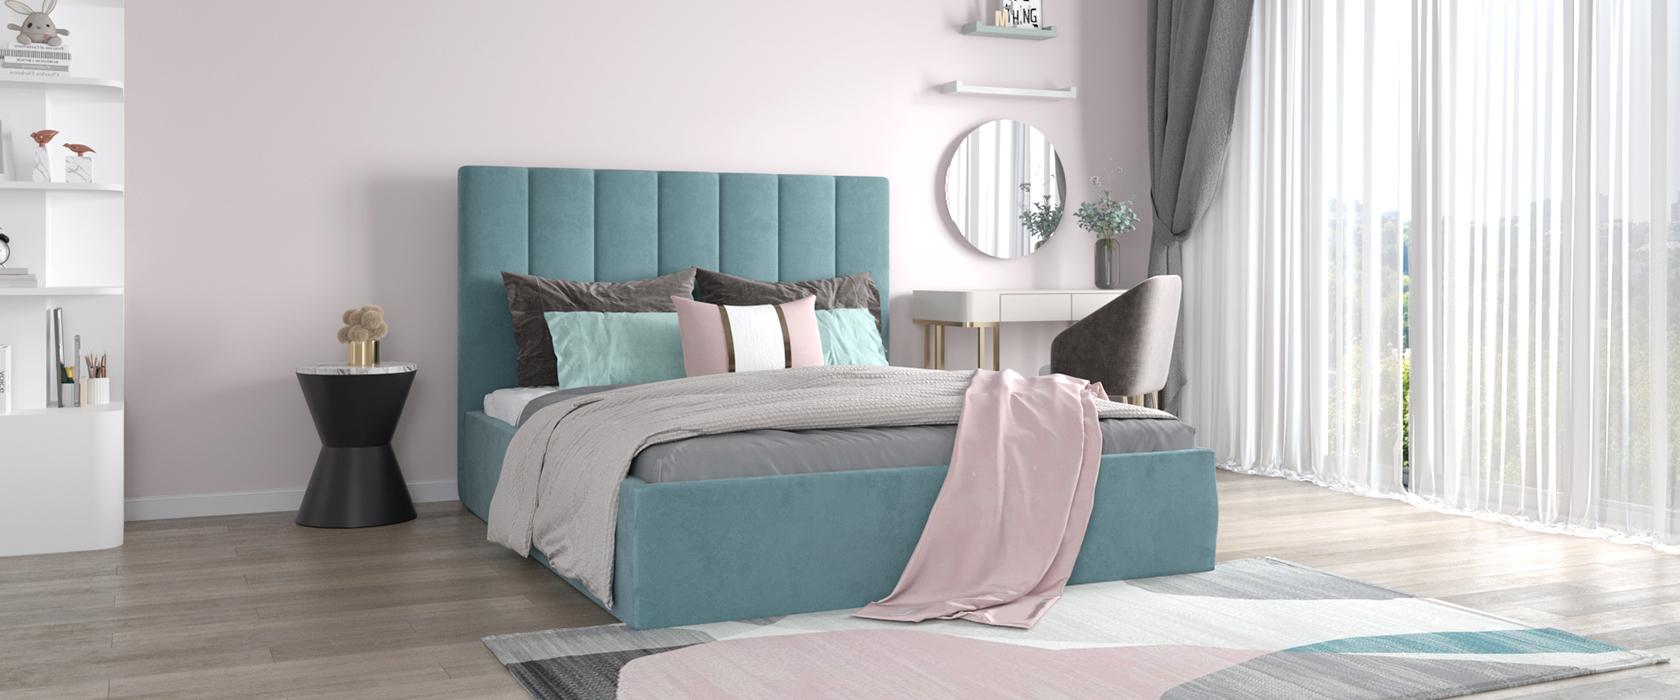 Кровать Belluno - Фото 2 - Pufetto